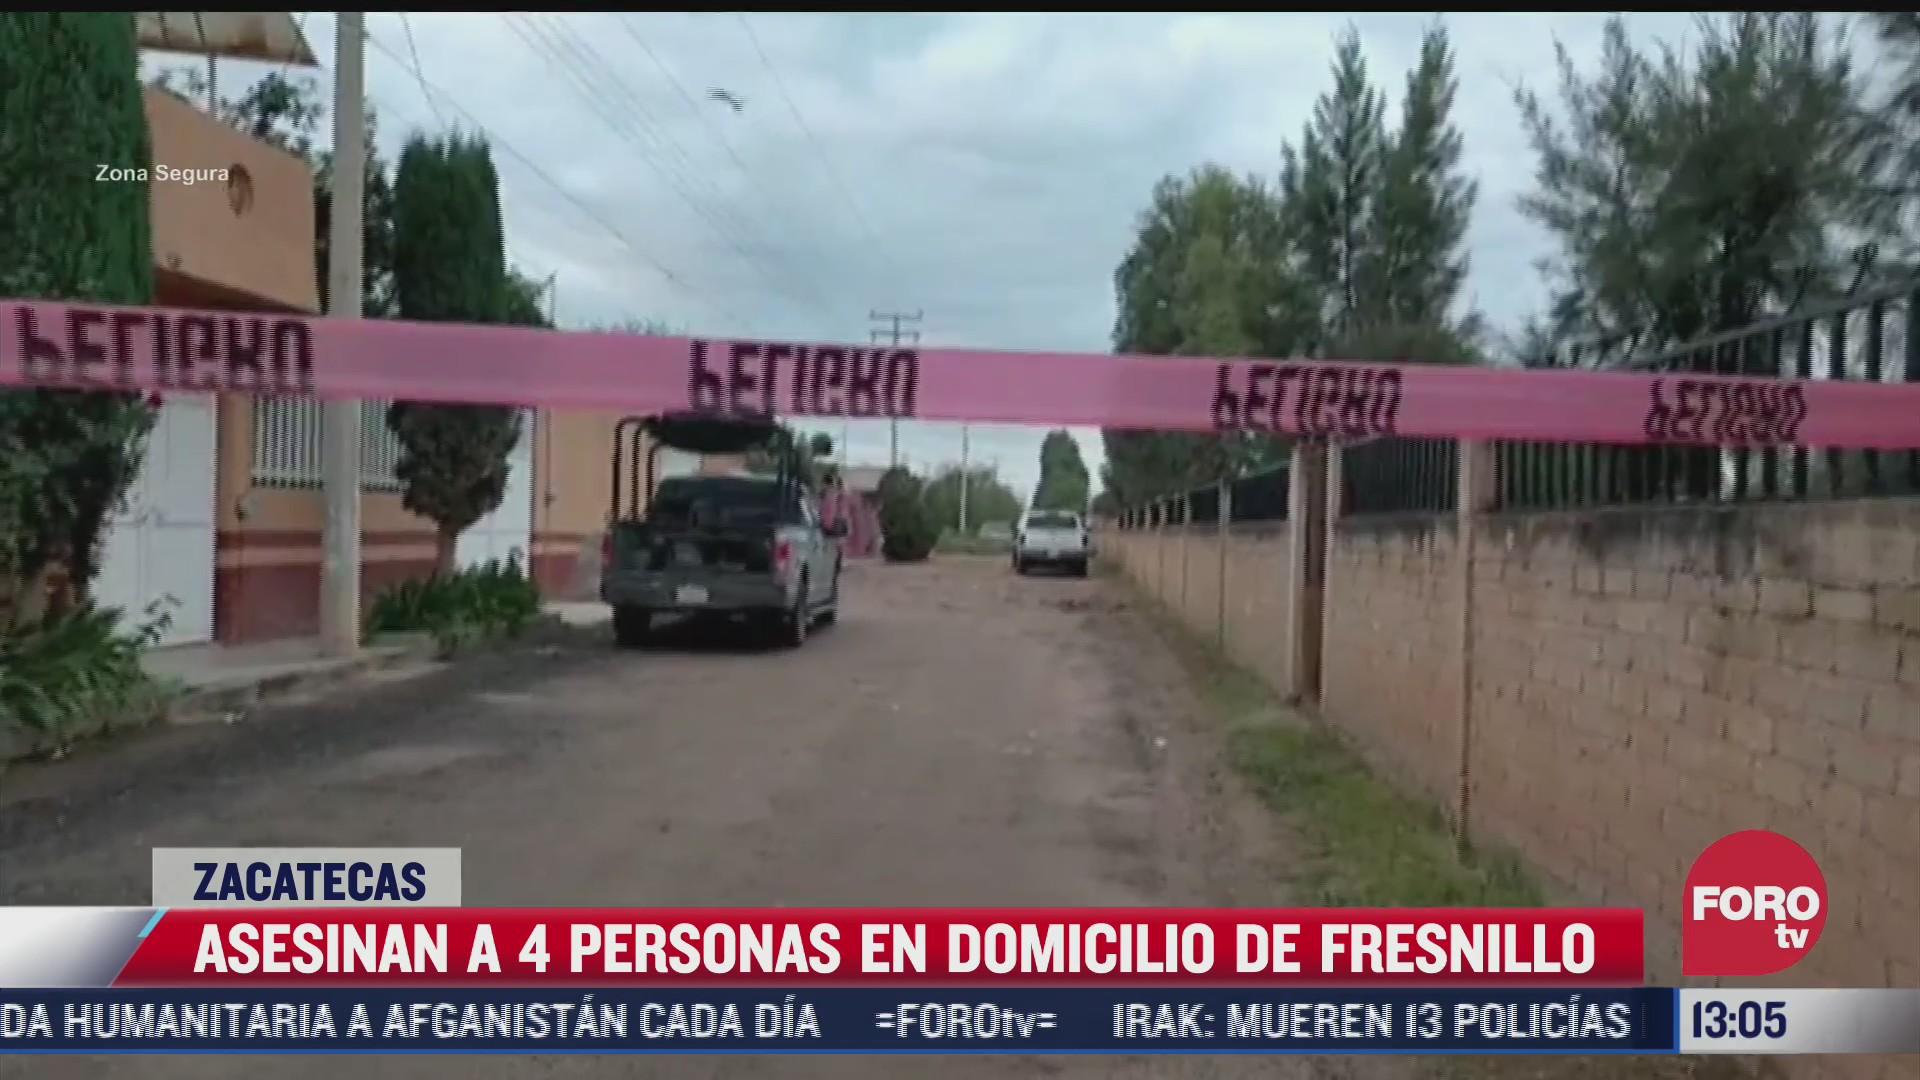 asesinan a 4 personas en un domicilio de fresnillo zacatecas